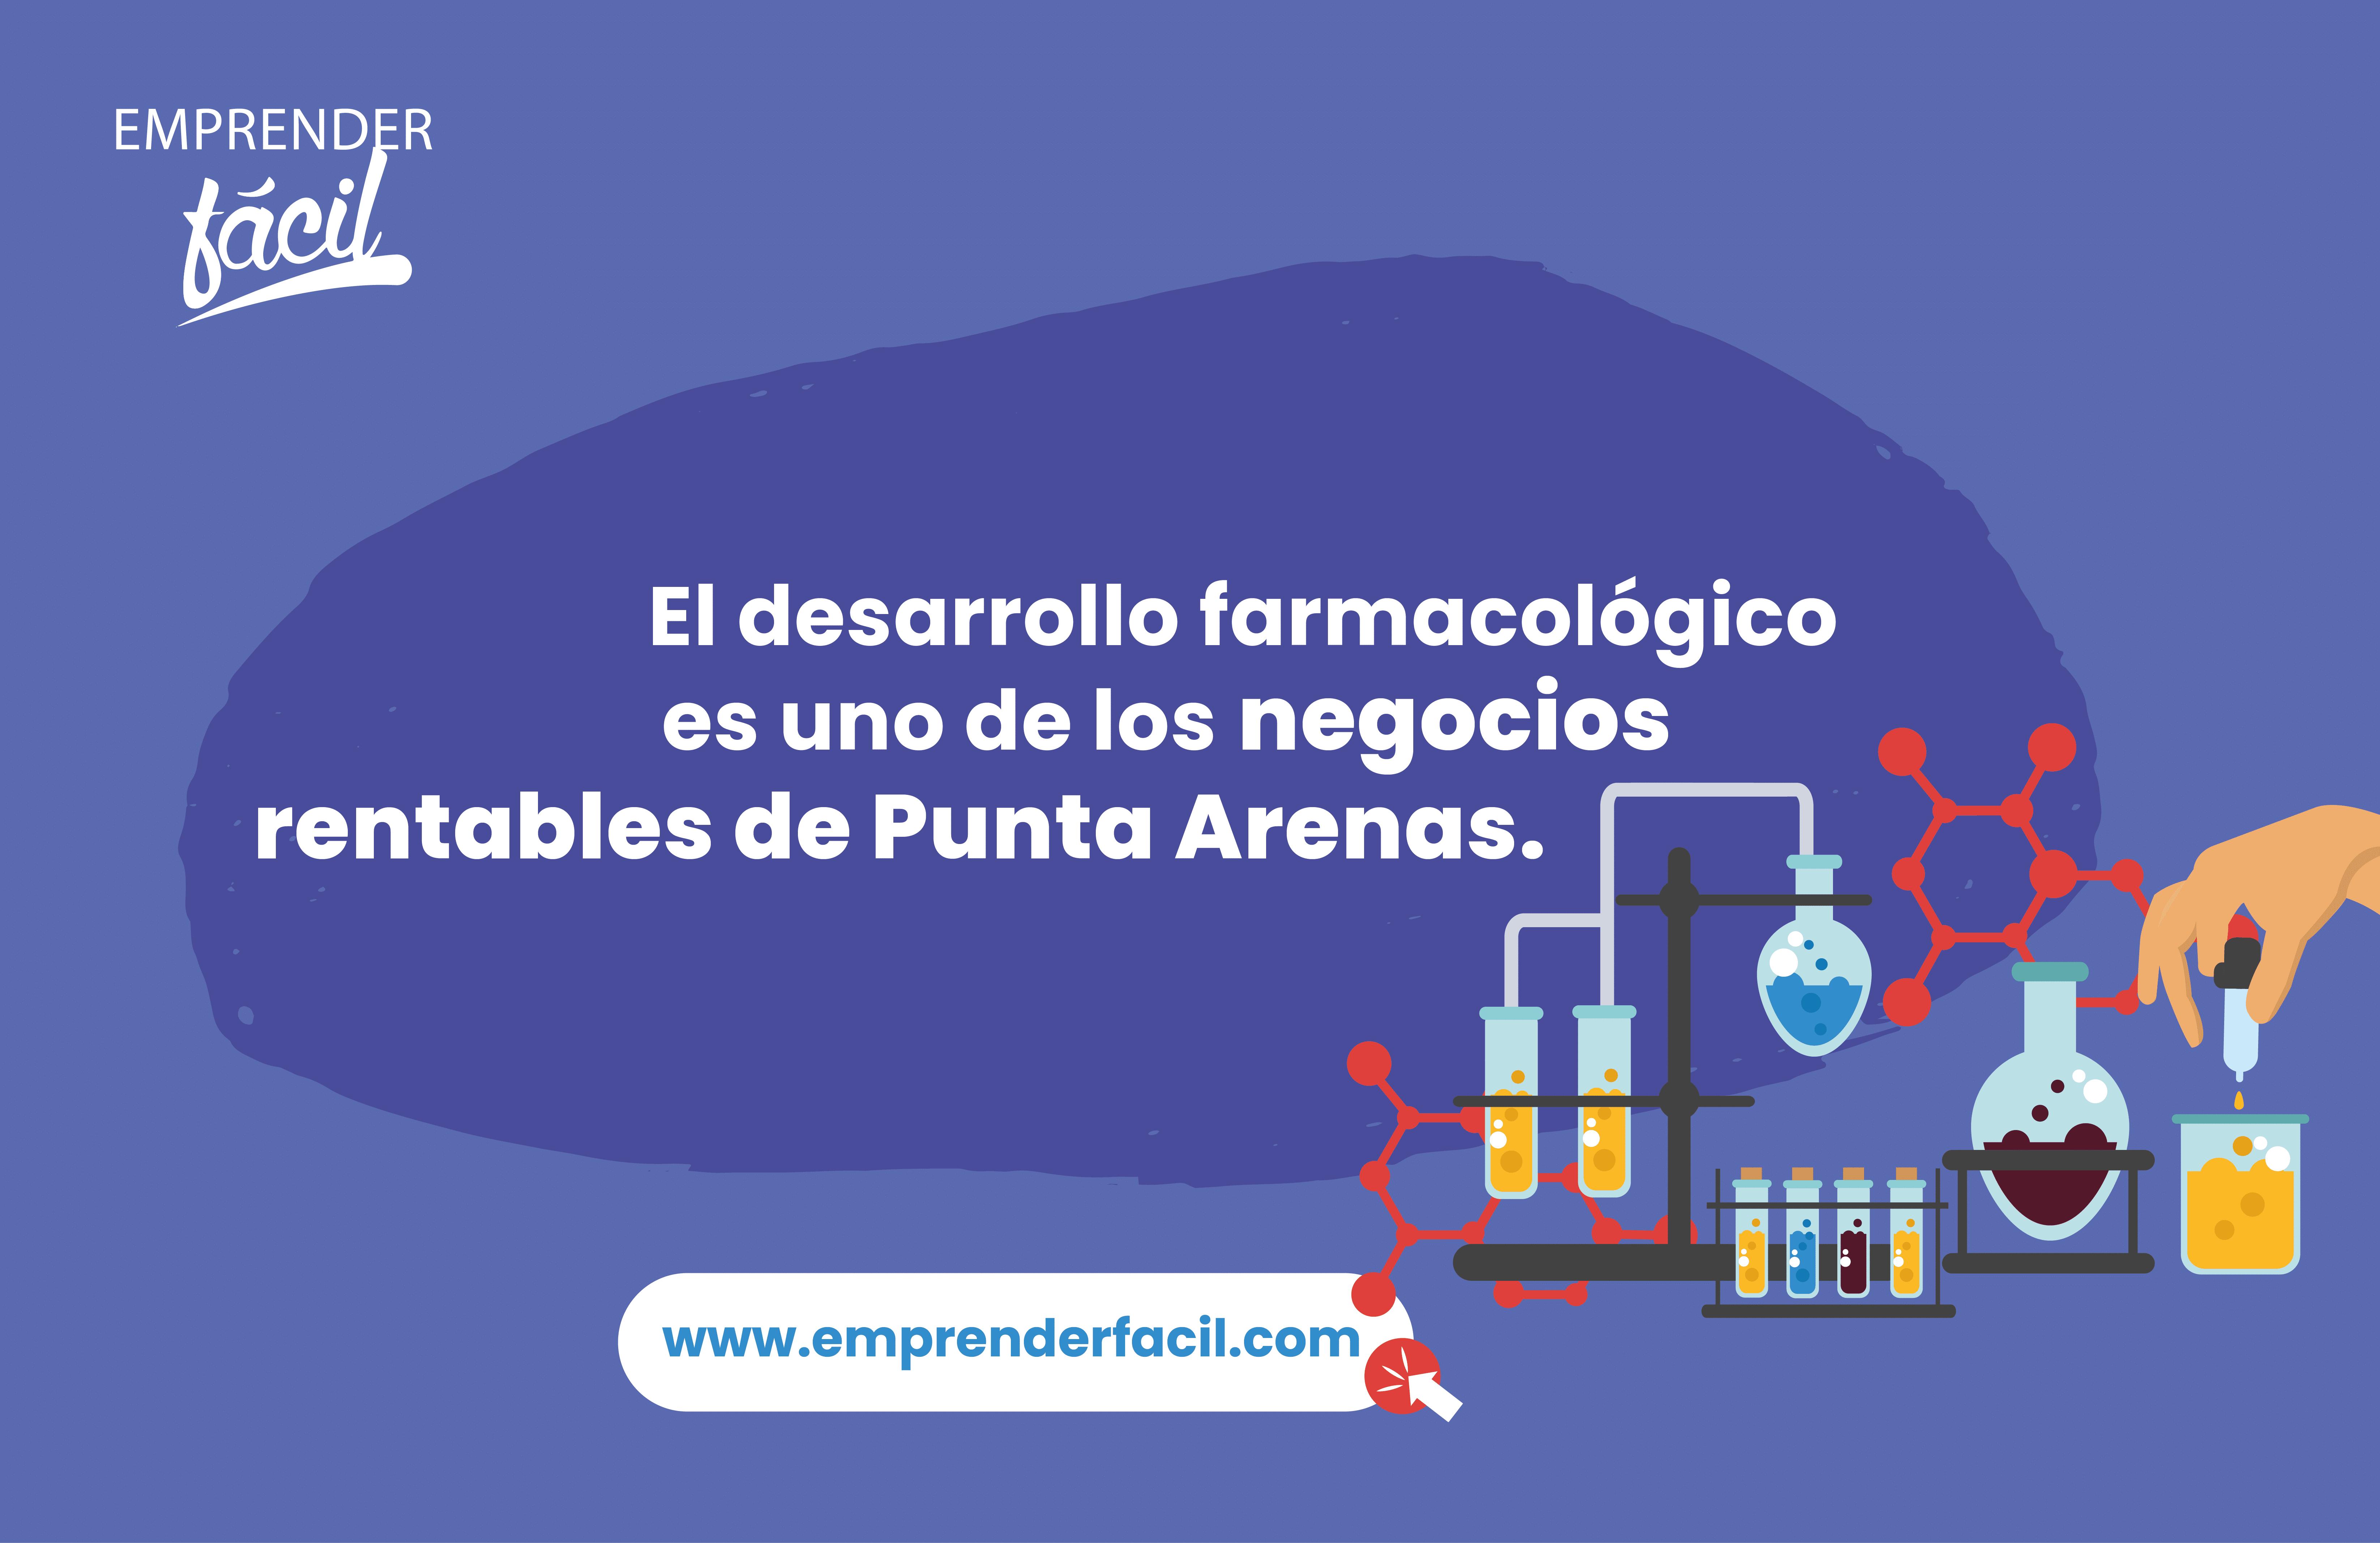 El desarrollo farmacológico es uno de los negocios rentables de Punta Arenas.